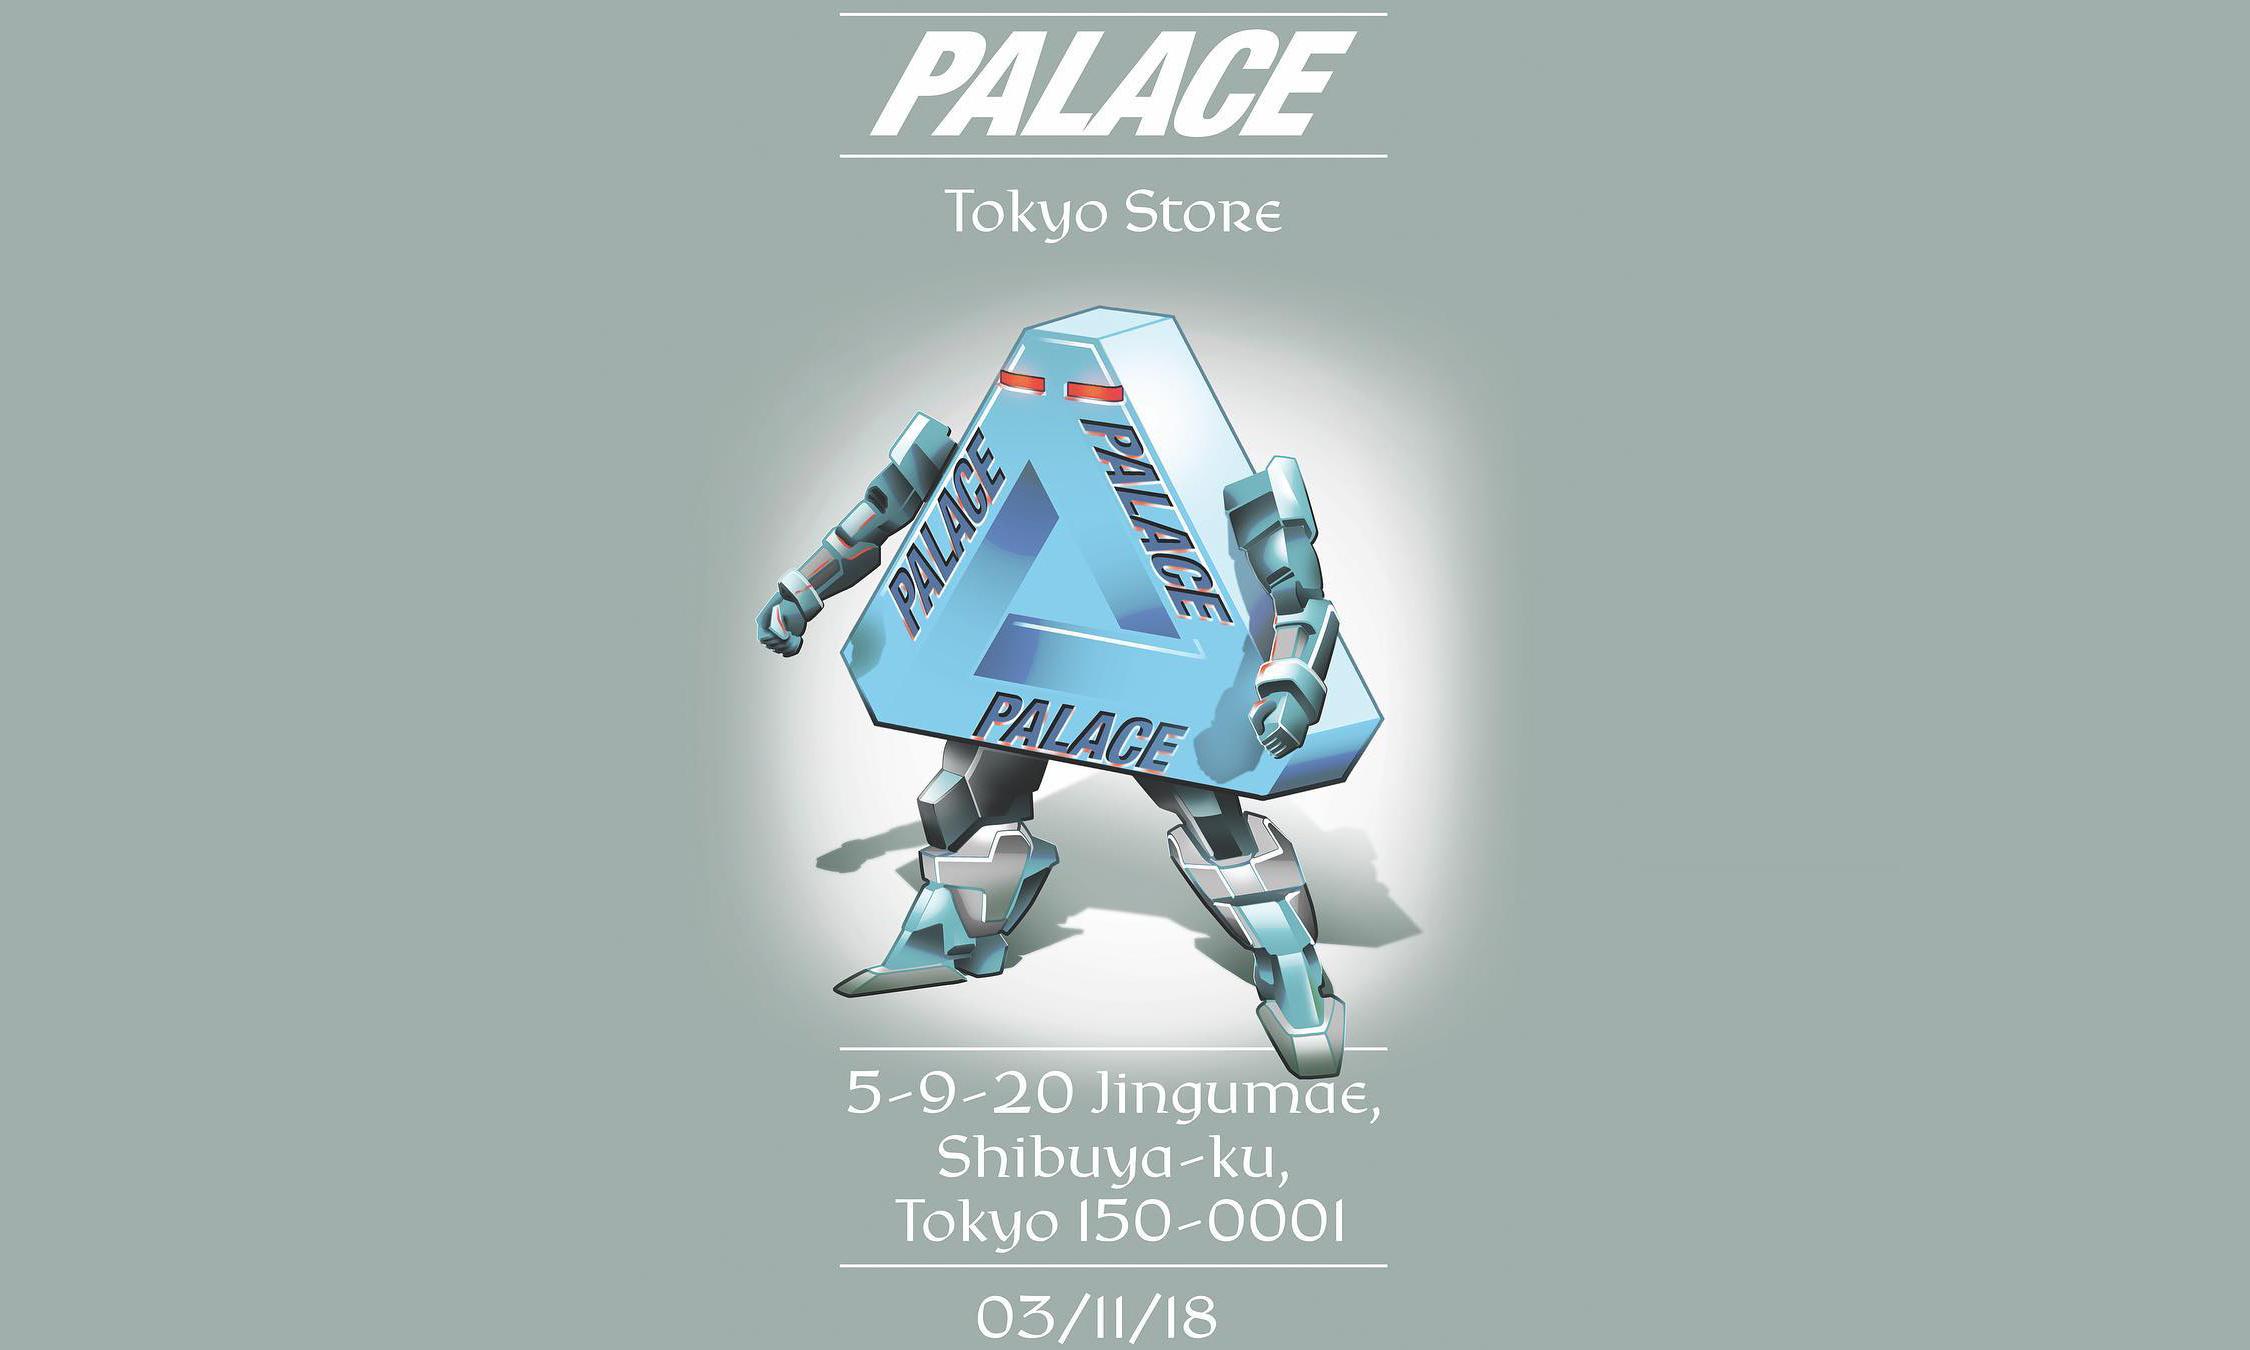 PALACE 即将于东京开设全新门店